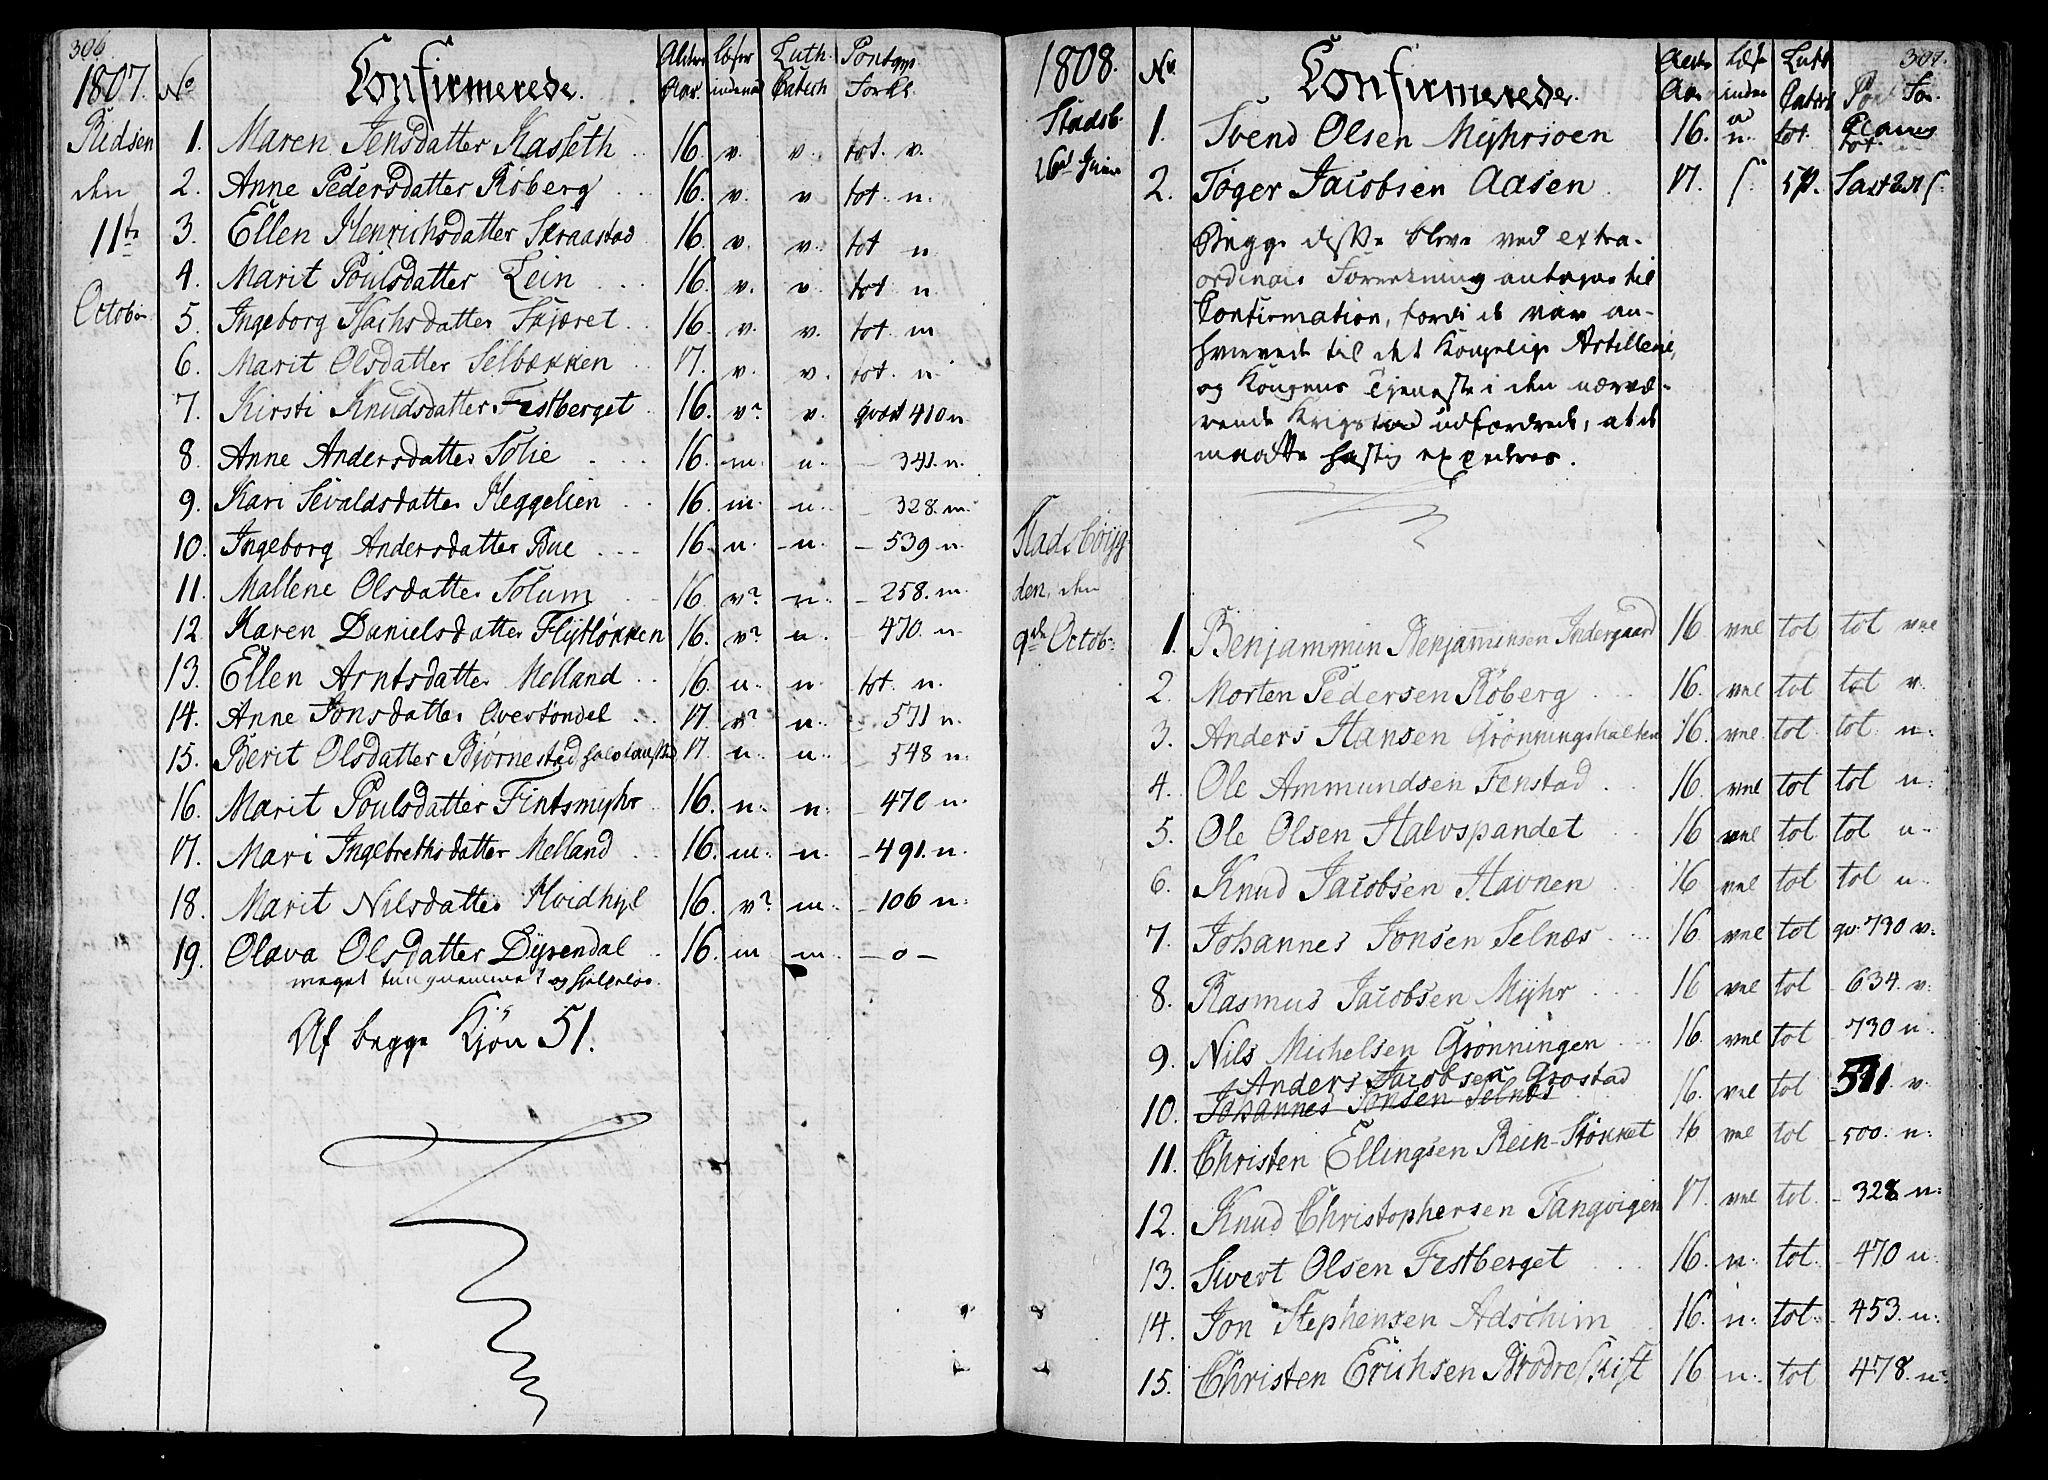 SAT, Ministerialprotokoller, klokkerbøker og fødselsregistre - Sør-Trøndelag, 646/L0607: Ministerialbok nr. 646A05, 1806-1815, s. 306-307